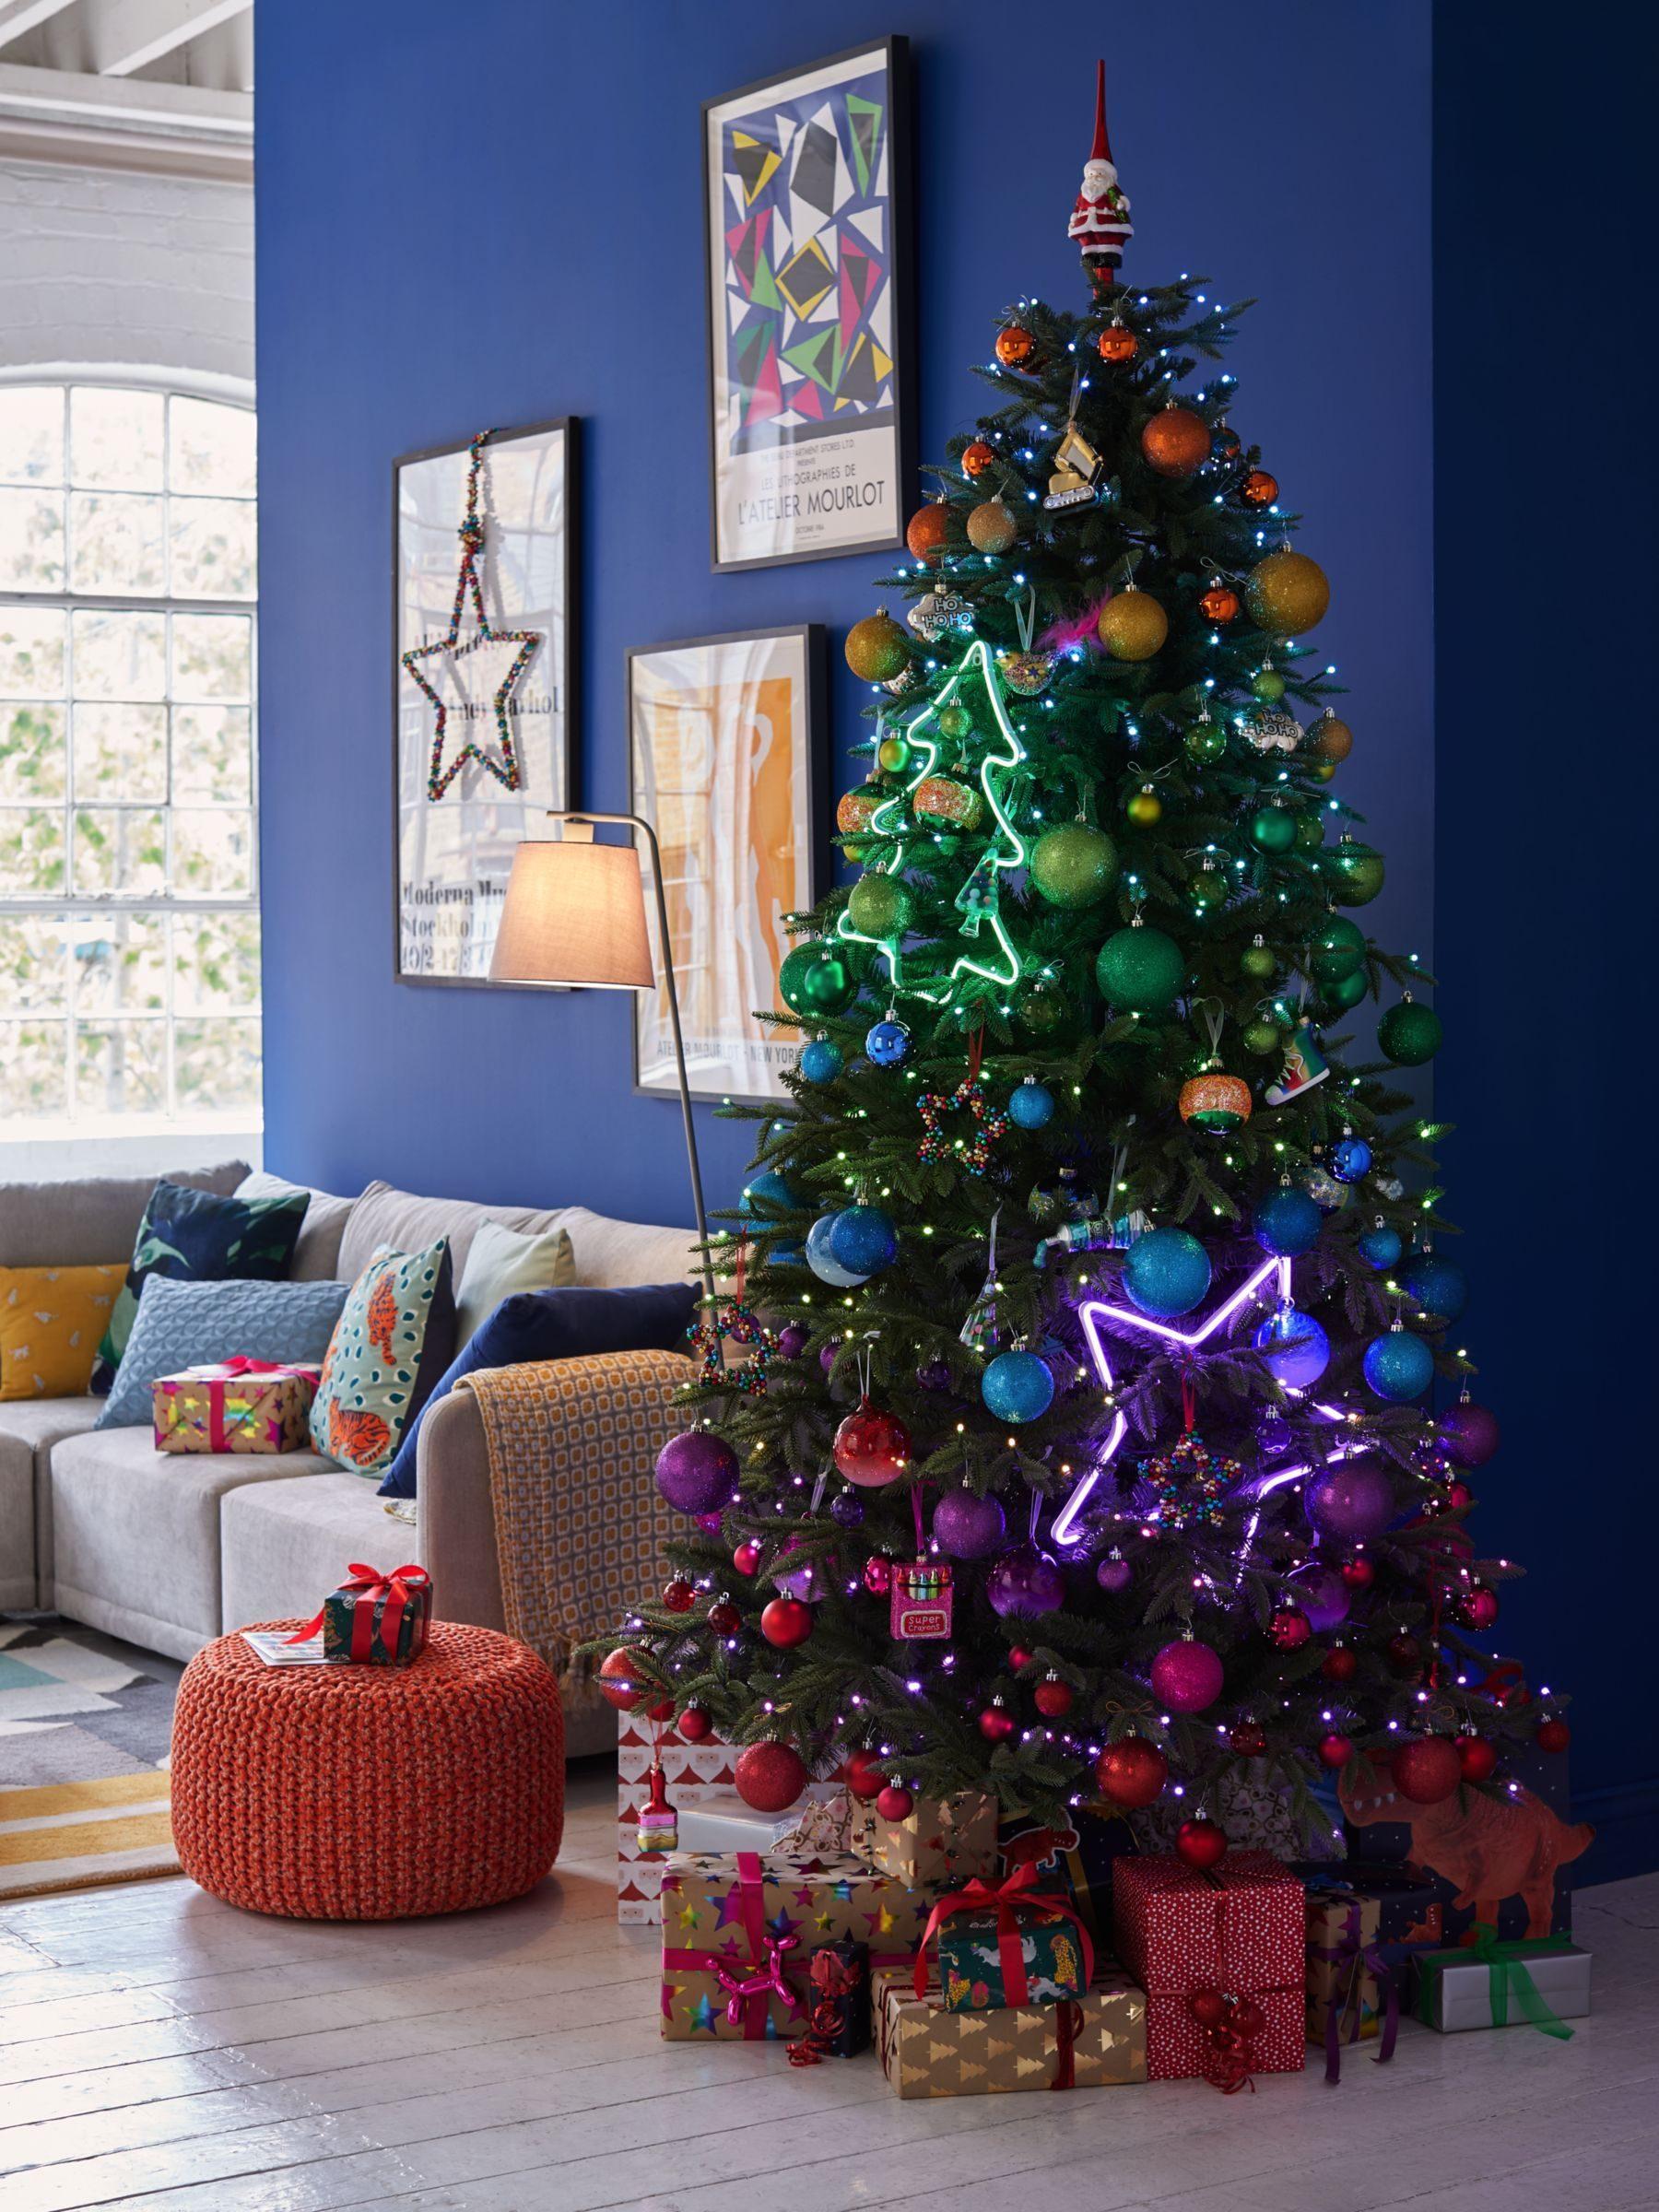 تزیین درخت کریسمس 2021 با وسایل ساده